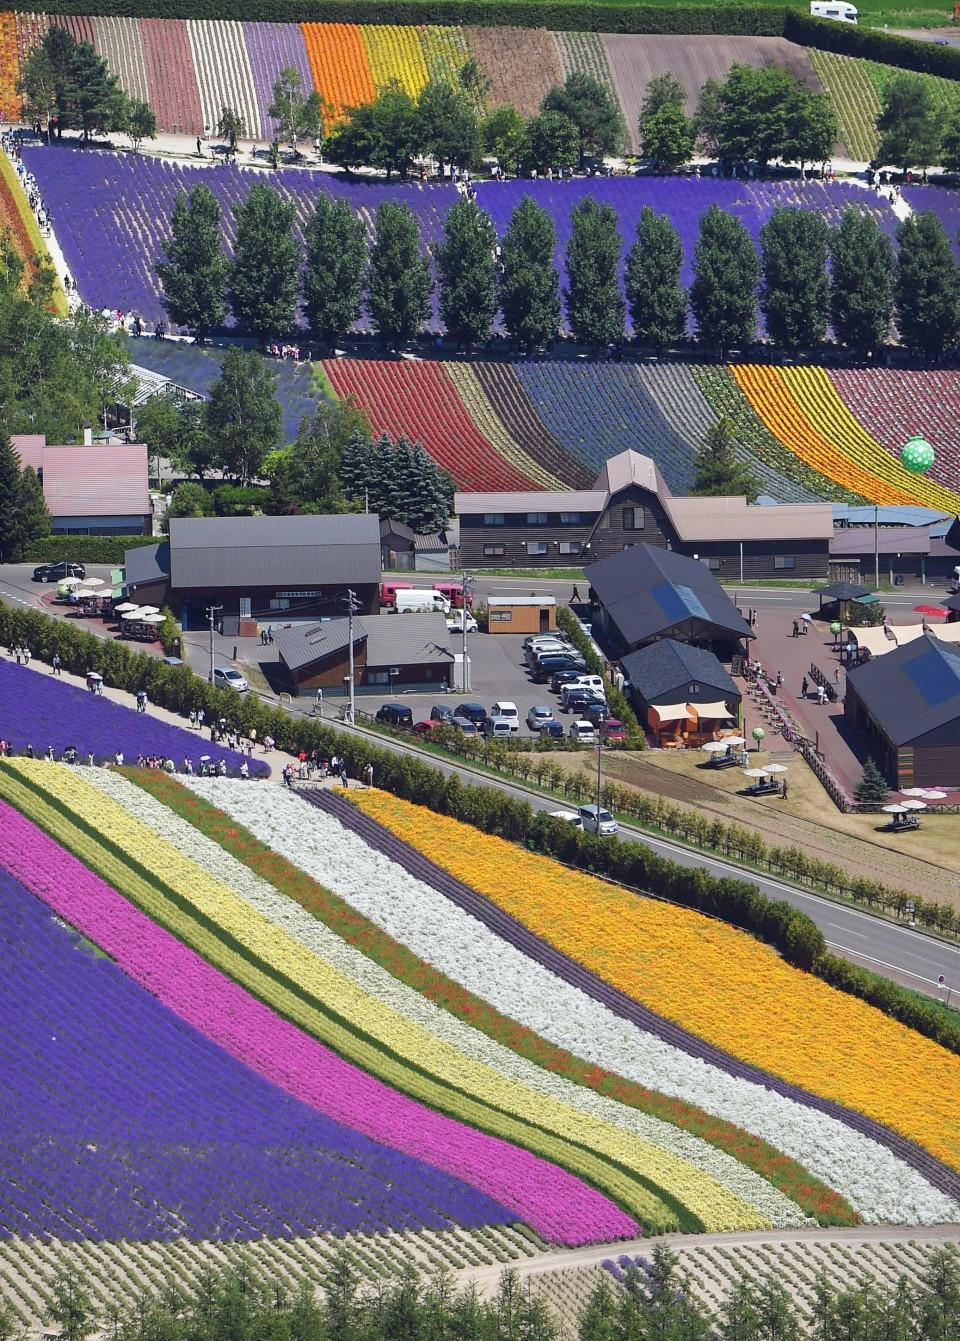 Lavender fields in Hokkaido's Furano in full bloom